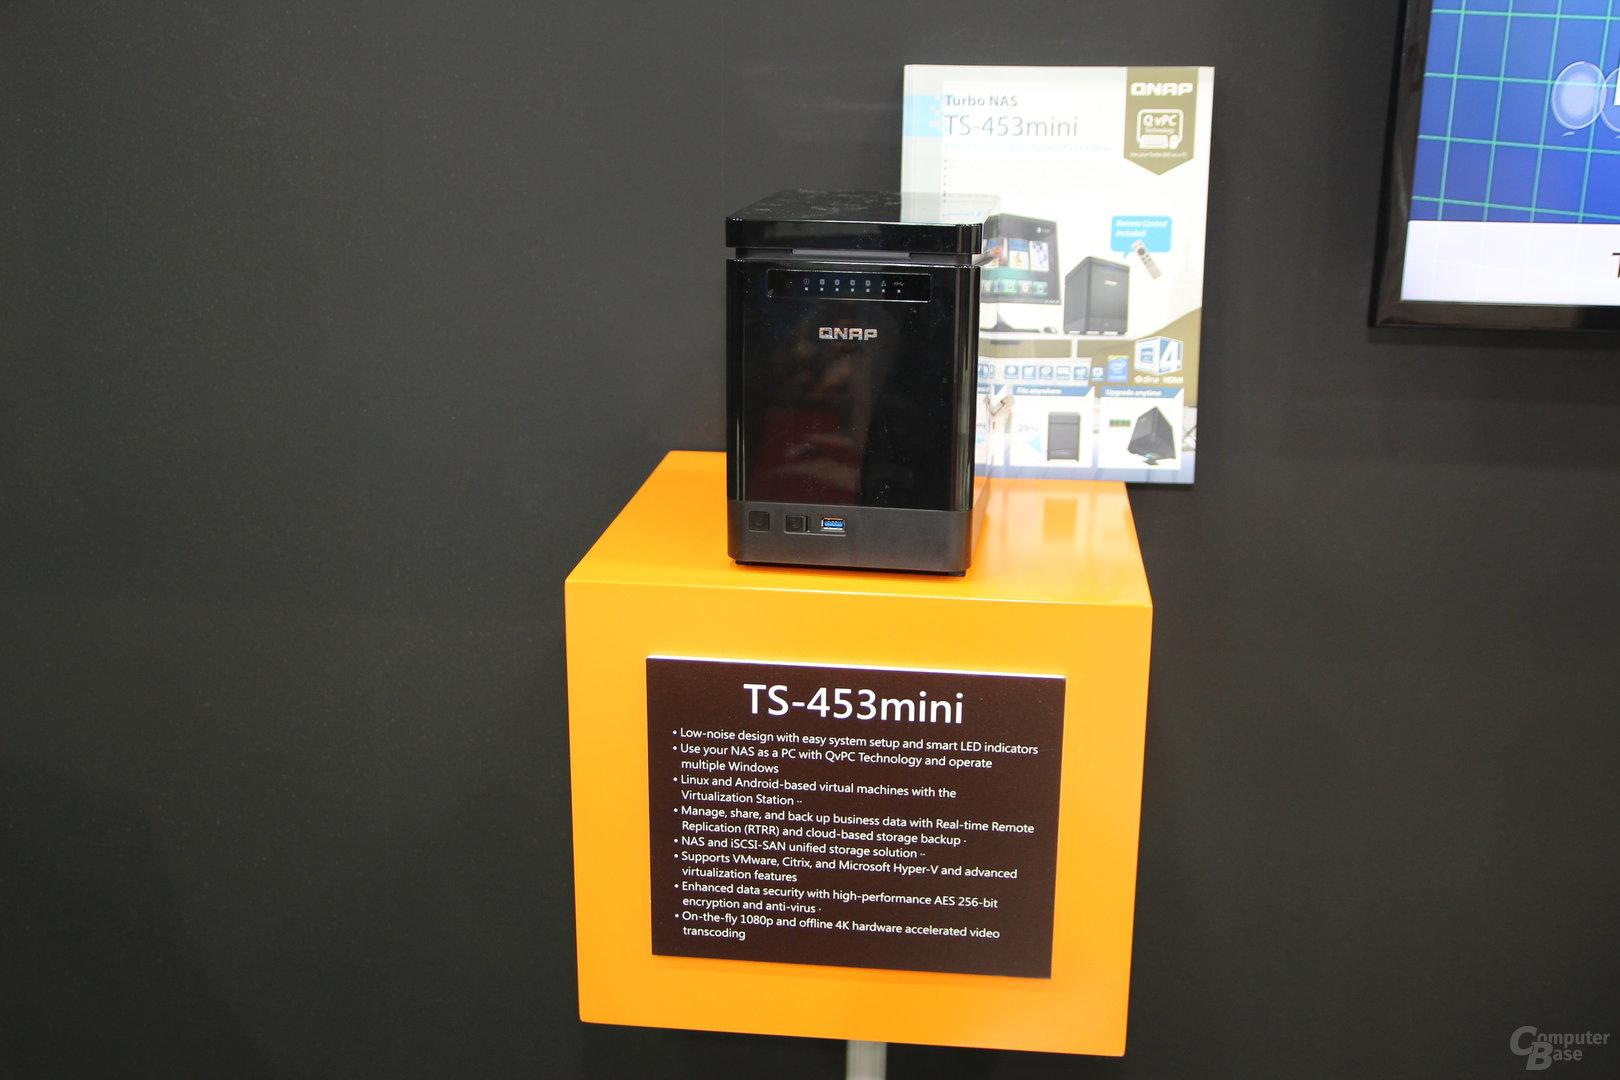 QNAP TS-453mini